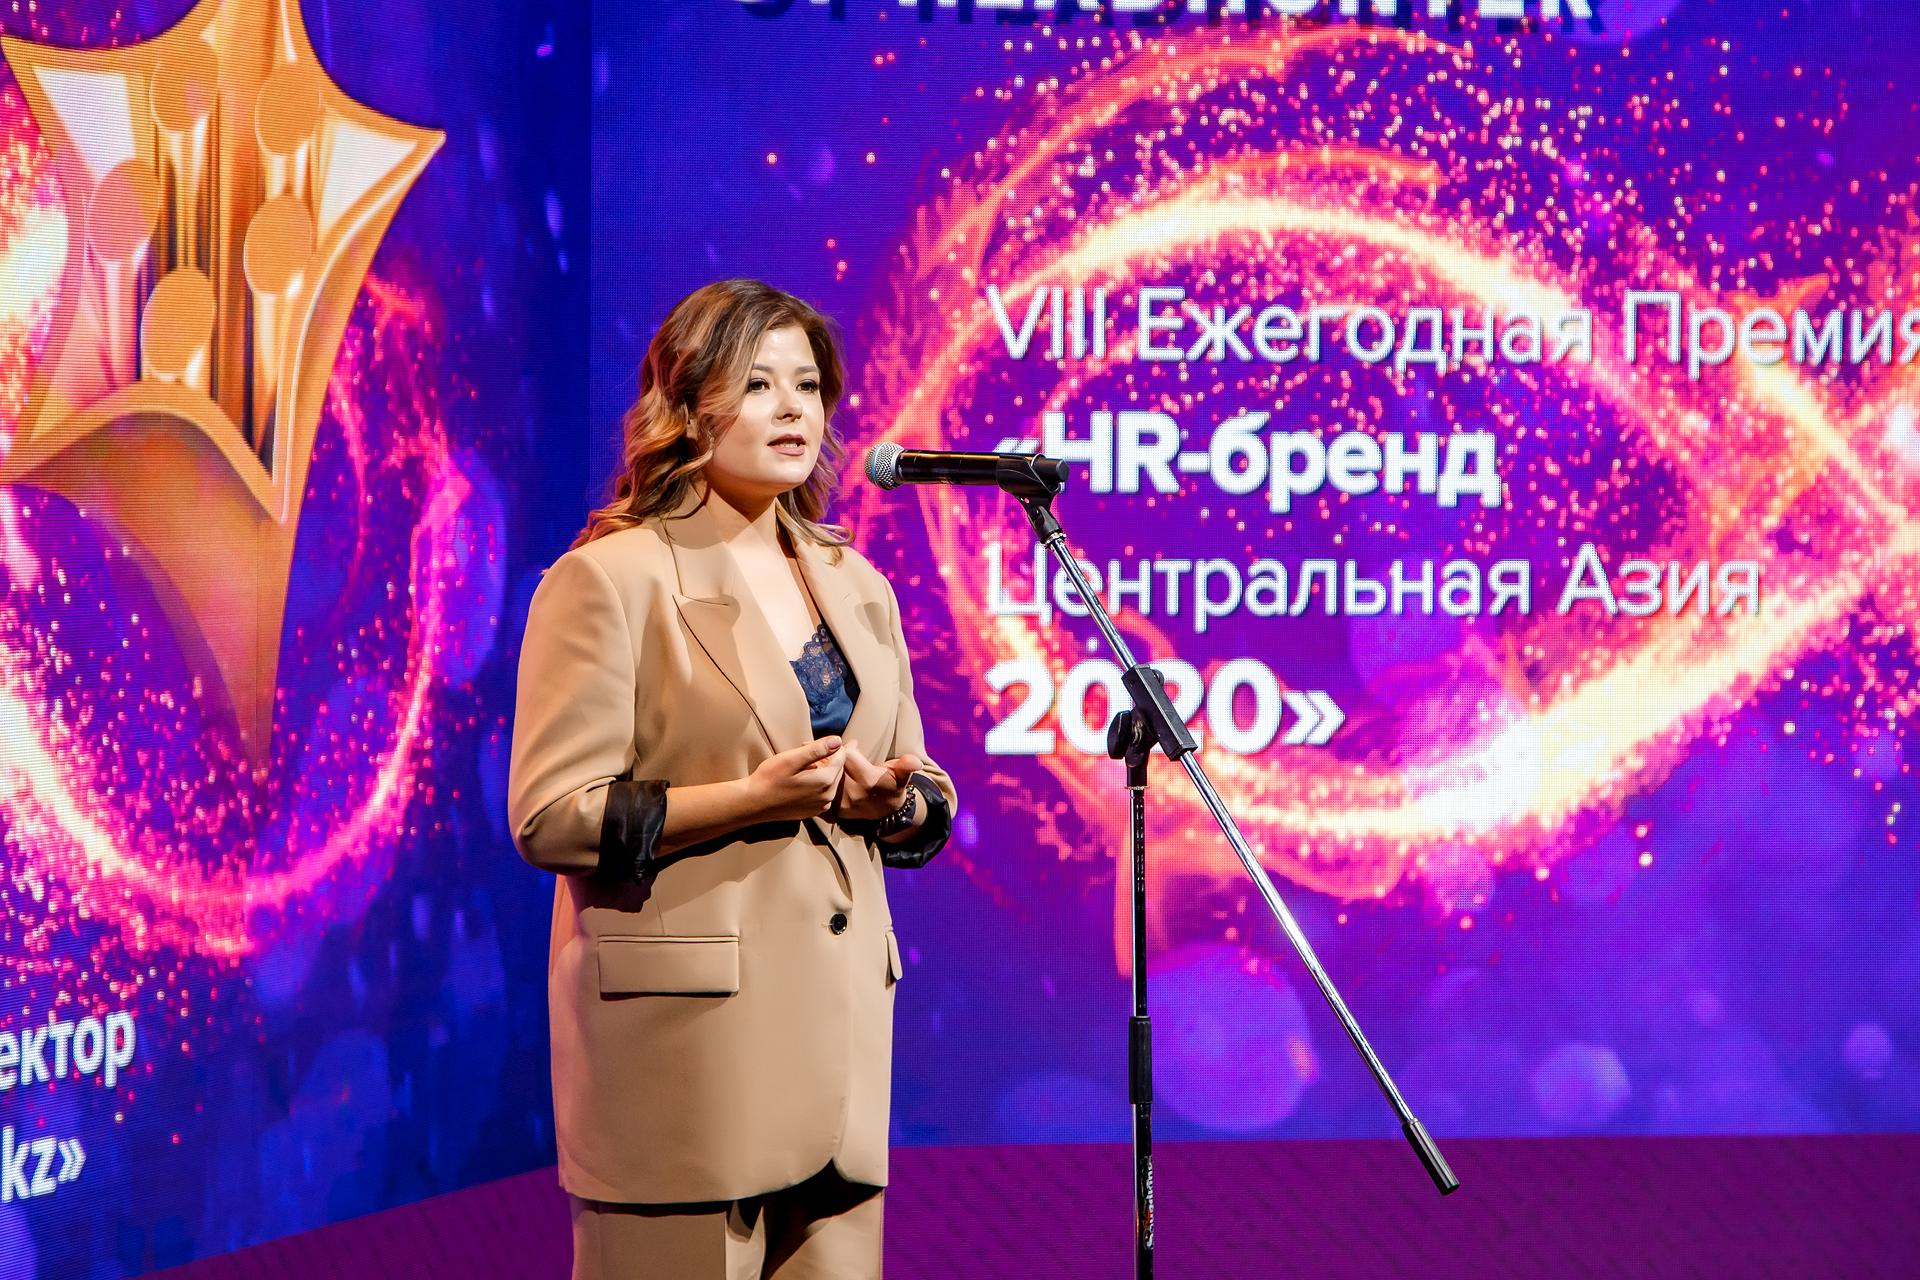 Названы имена лучших работодателей Центральной Азии 2020 года!